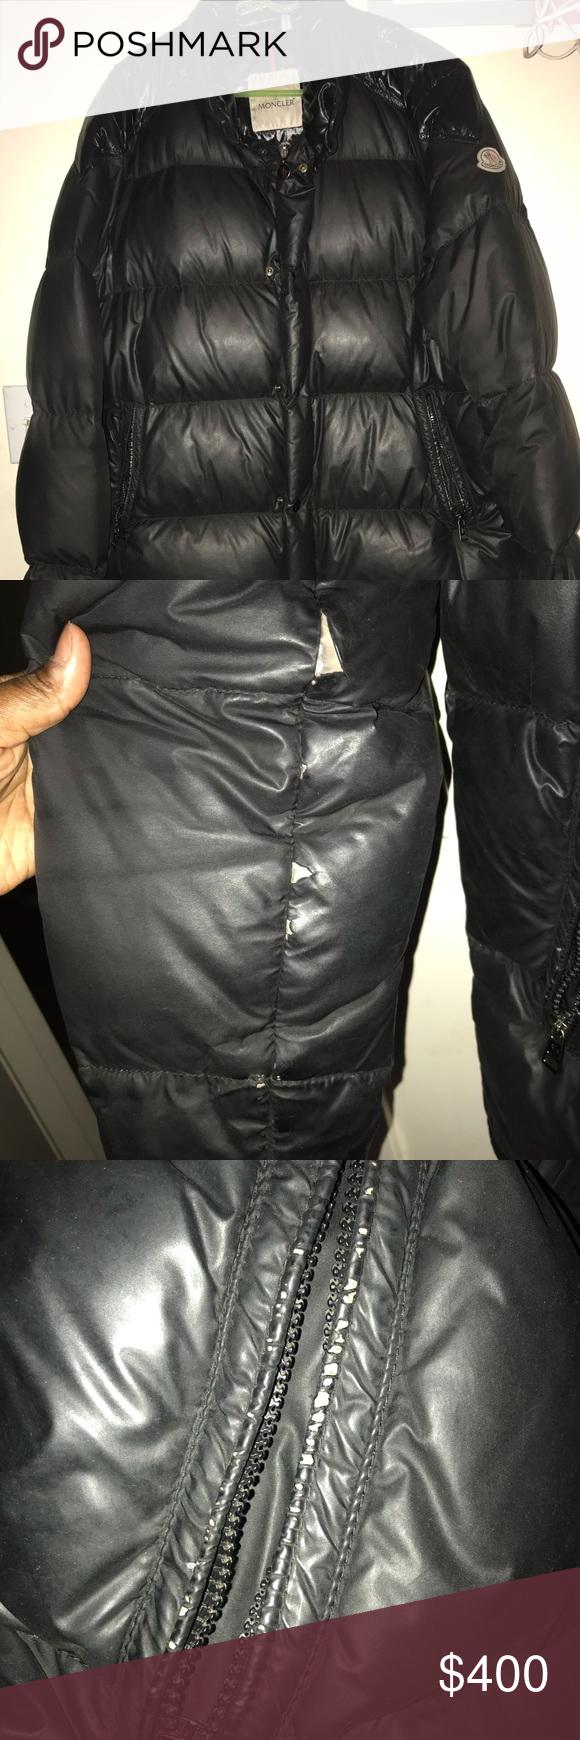 Authentic Moncler Coat Clothes Design Moncler Moncler Jacket [ 1740 x 580 Pixel ]